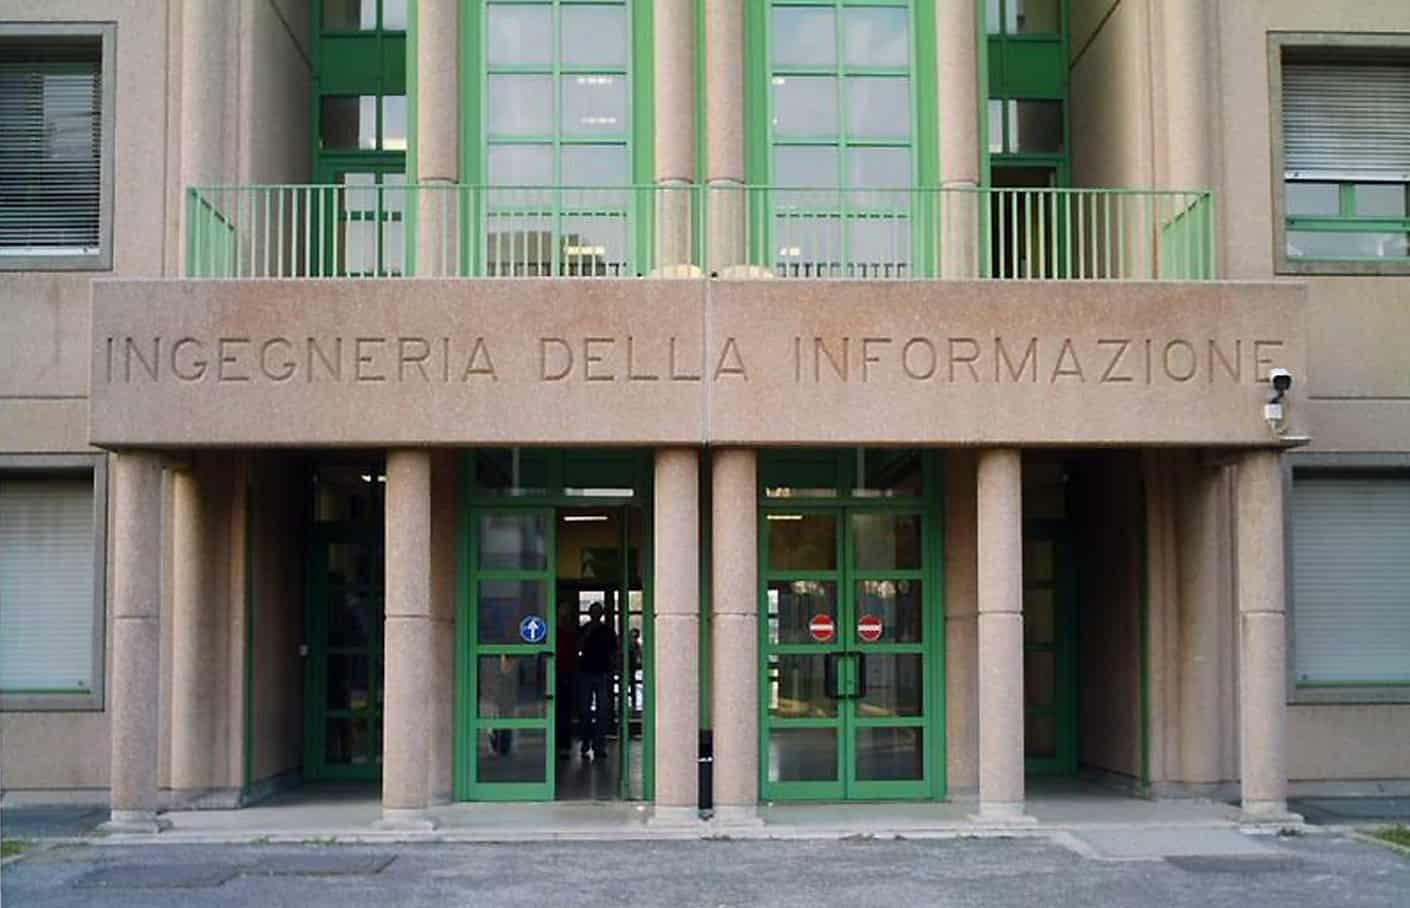 Una sede universitaria di Facoltà dell'Ingegneria dell'Informazione